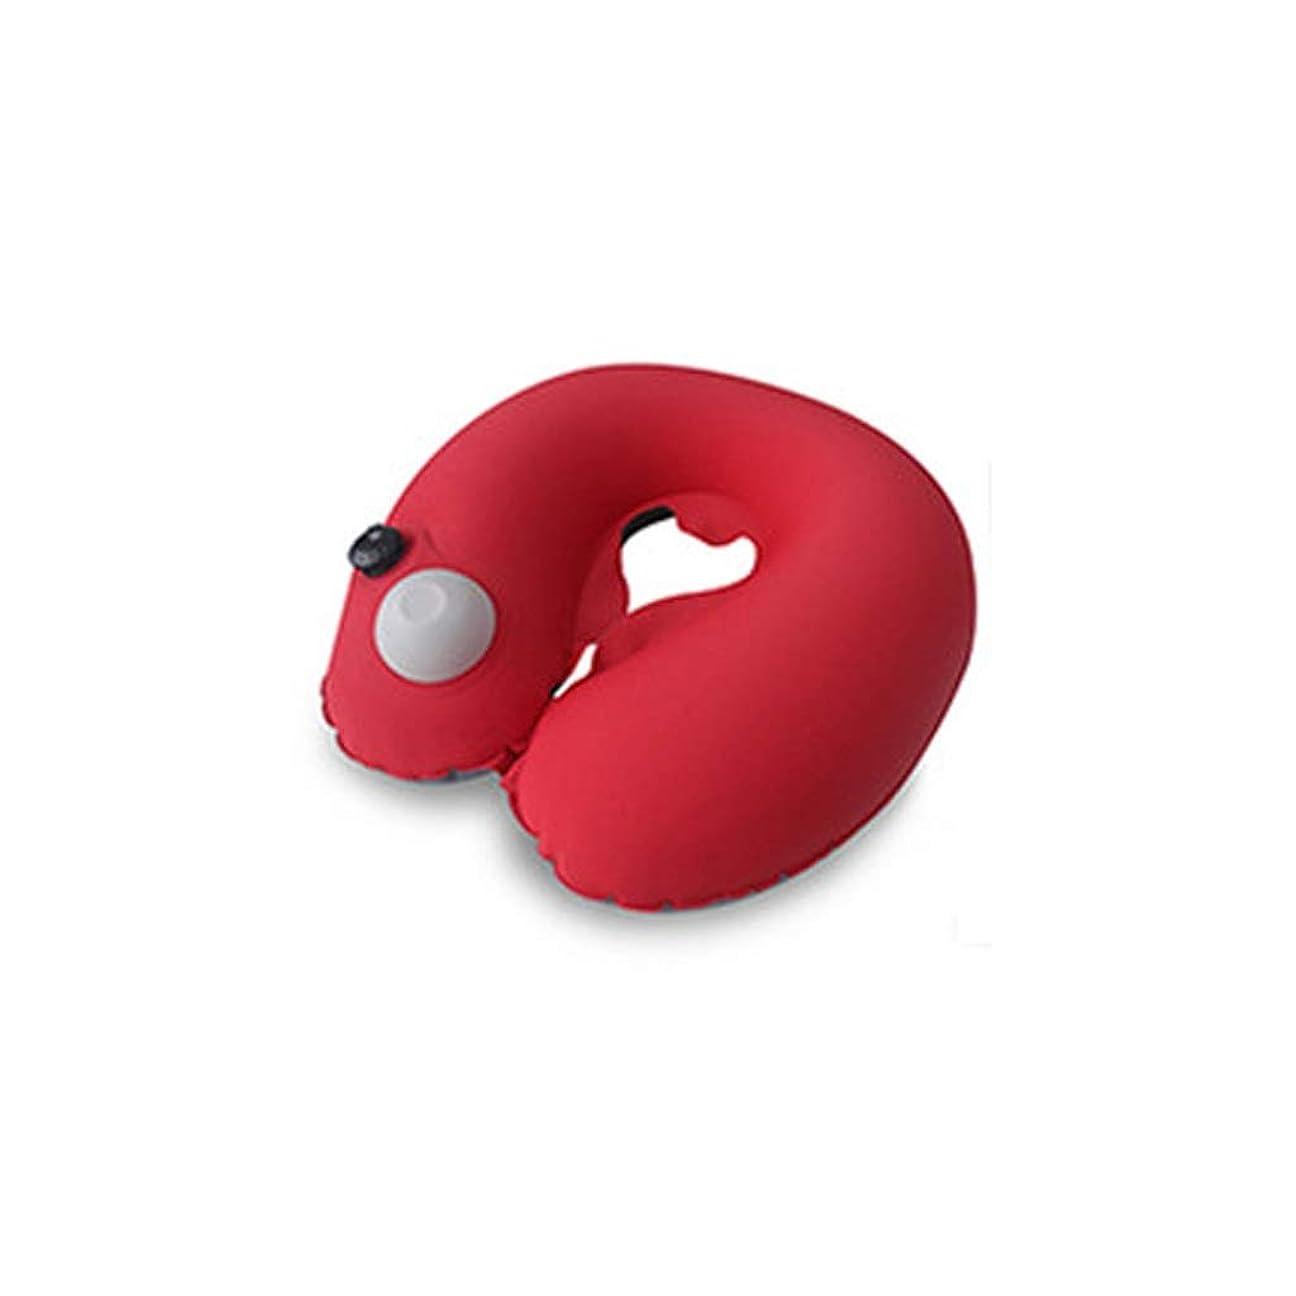 YYFRB U字型枕押されたインフレータブルトラベルネックピロー頚椎枕ポータブルクールオフィス仮眠枕 U字型枕 (Color : A)